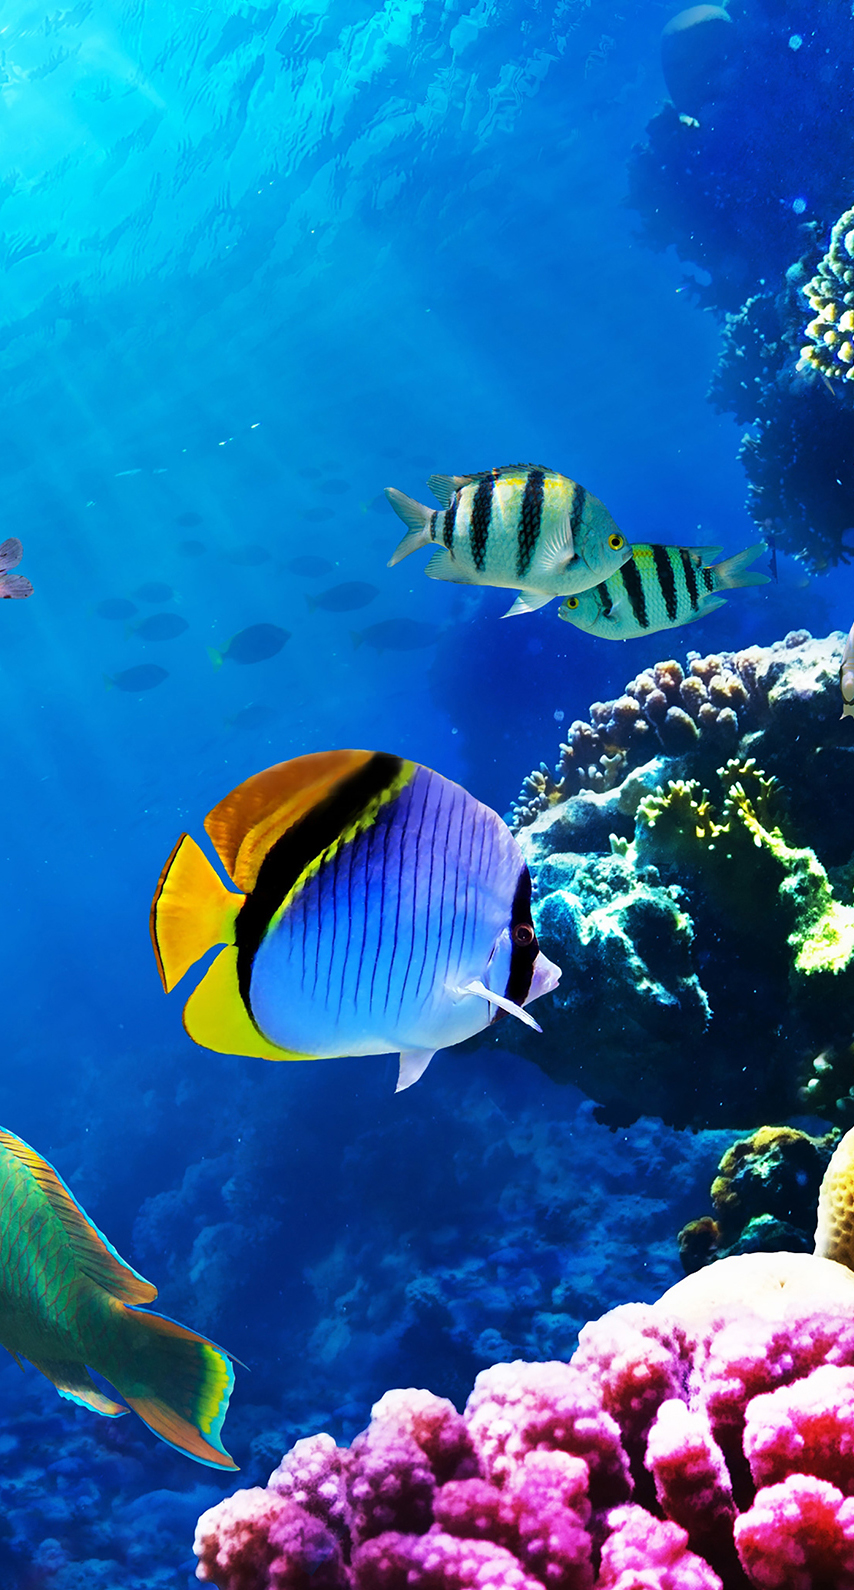 aquarium, swimming